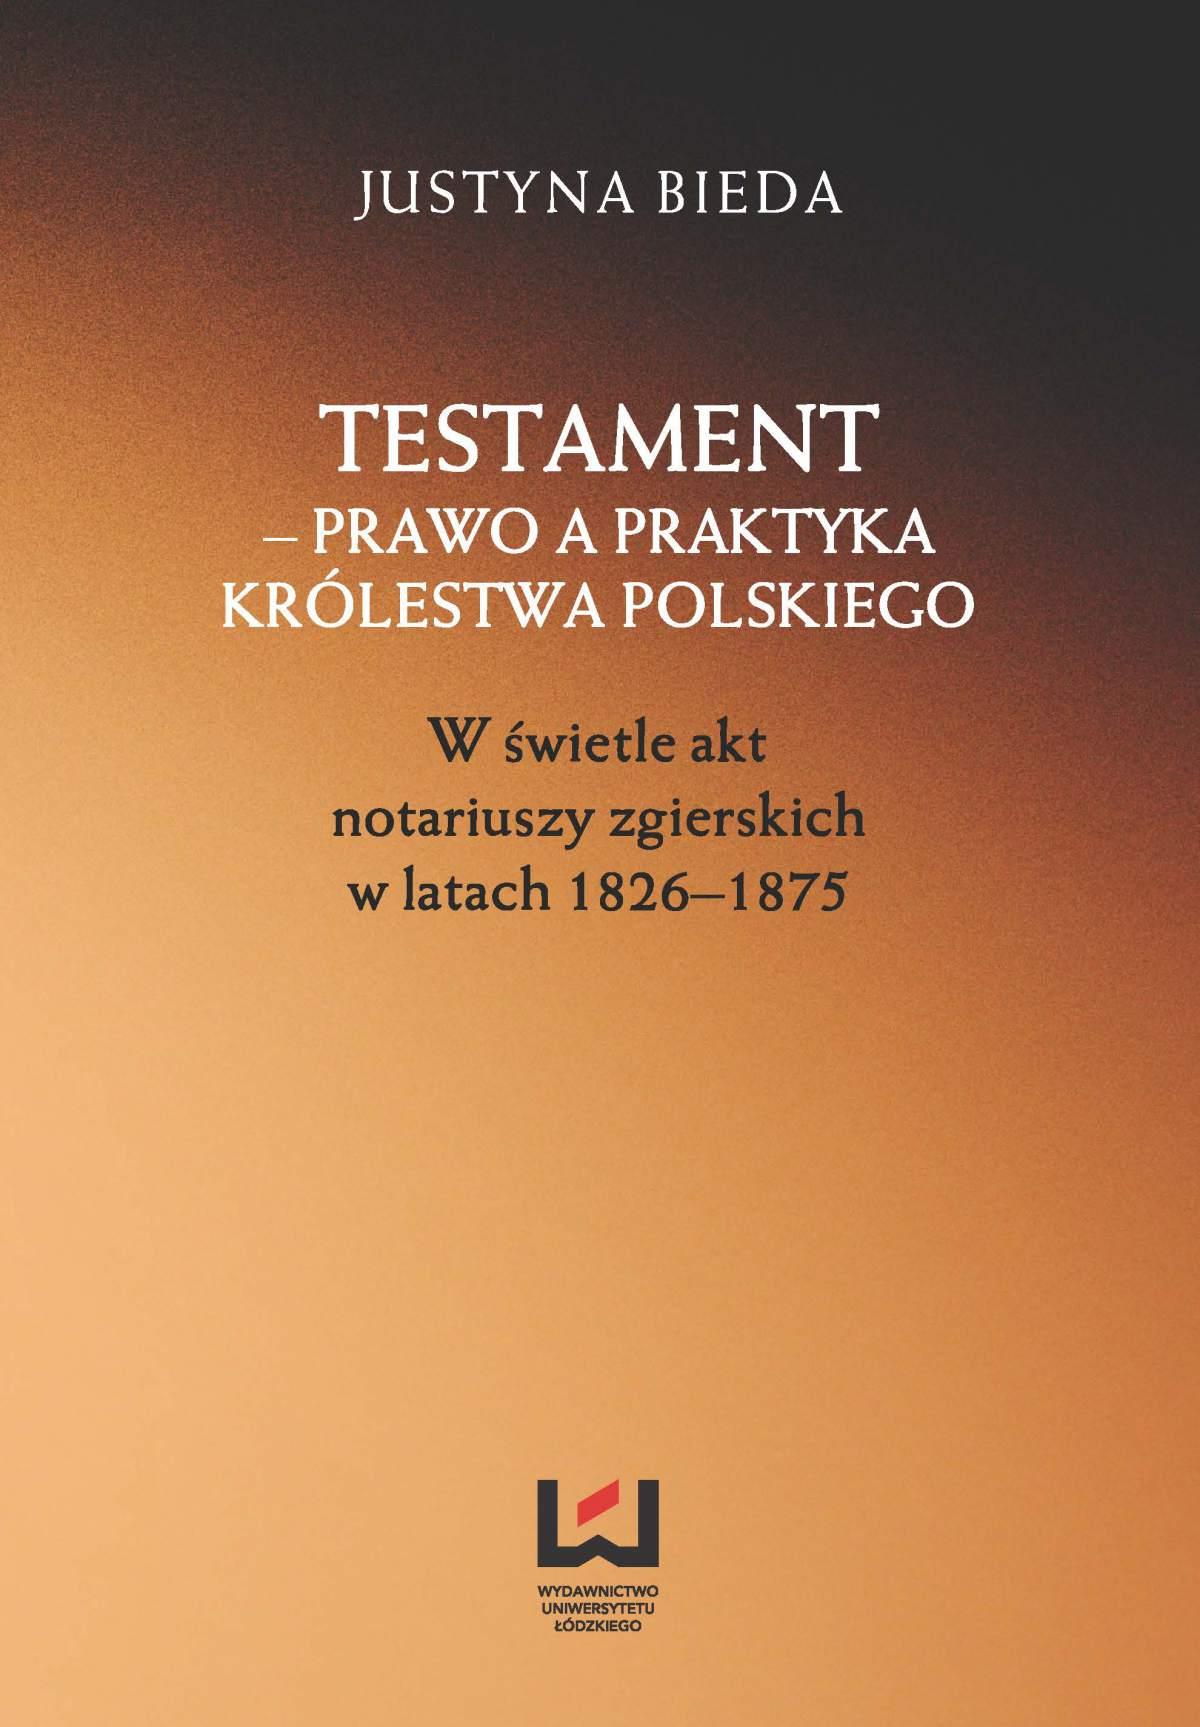 Testament – prawo a praktyka Królestwa Polskiego. W świetle akt notariuszy zgierskich w latach 1826–1875 - Ebook (Książka PDF) do pobrania w formacie PDF